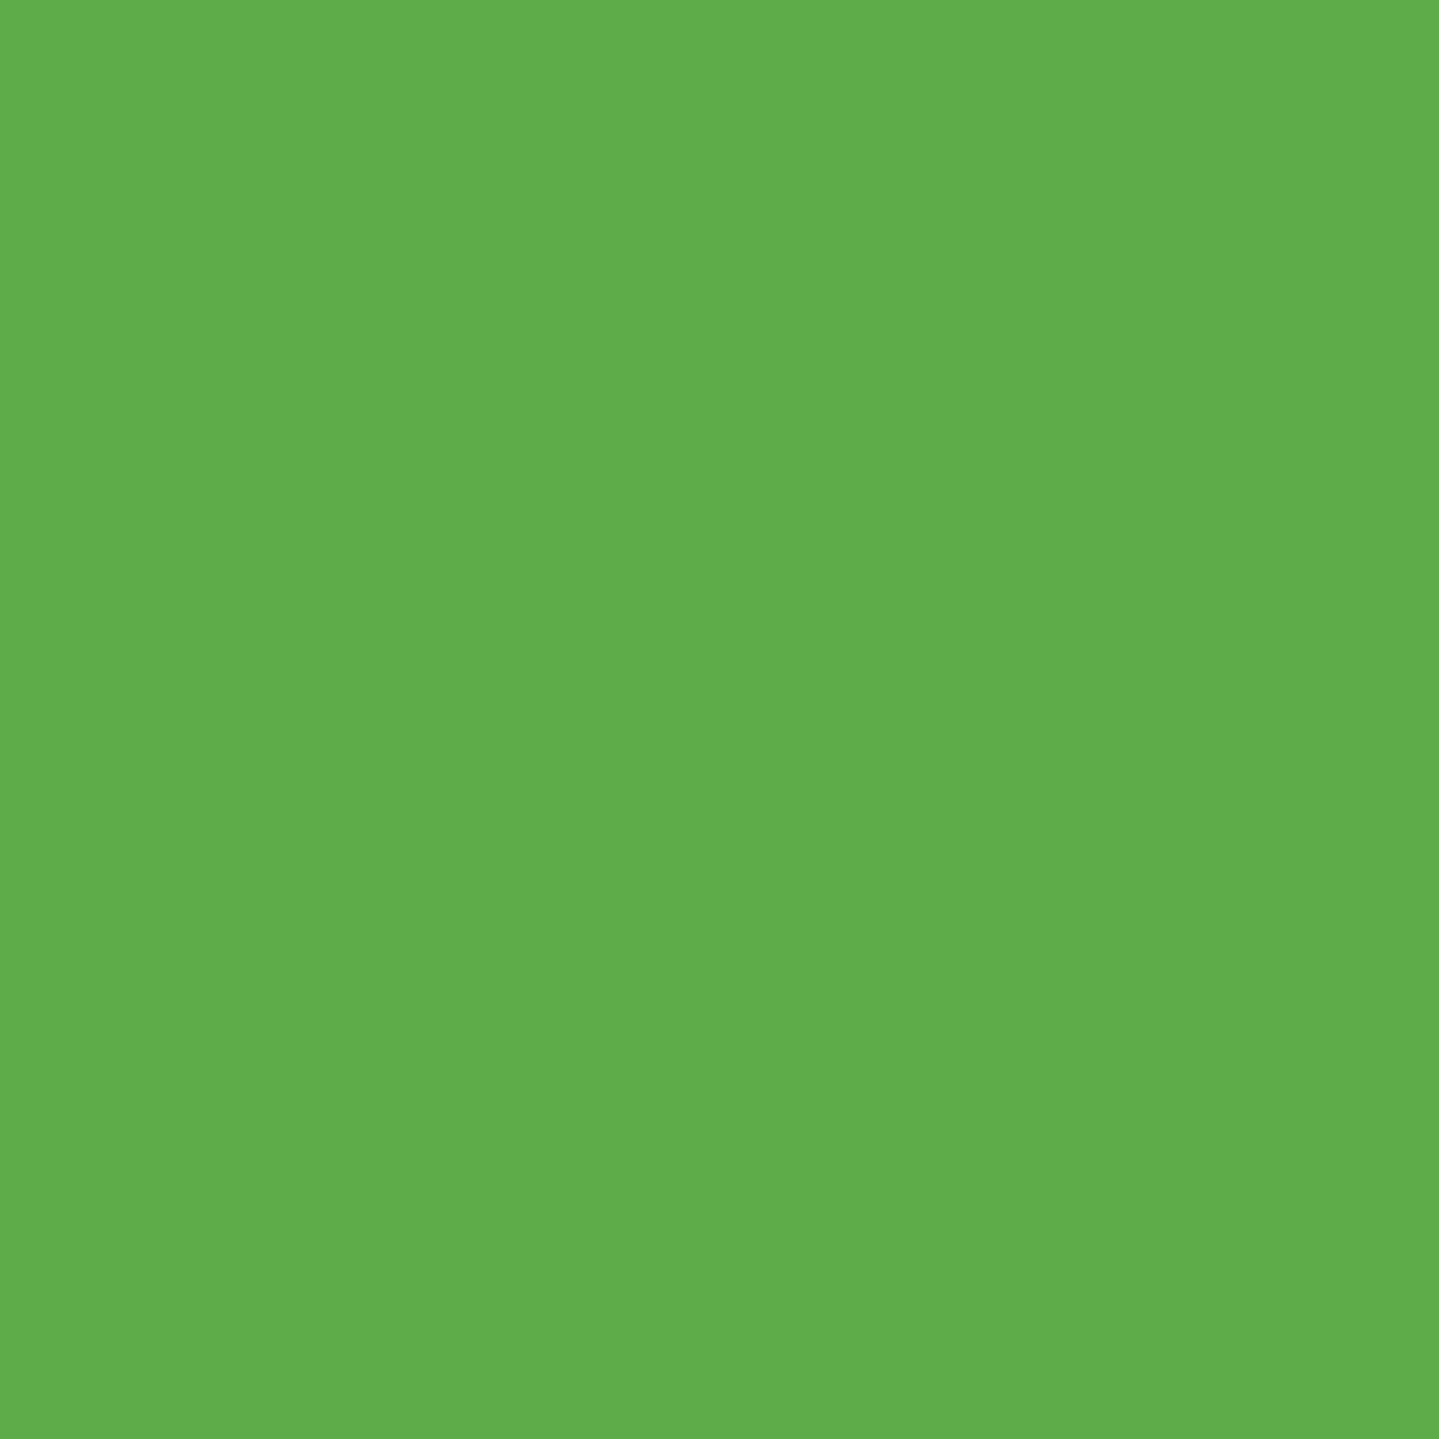 Craft E Vinyl - Matte Lime Green 12